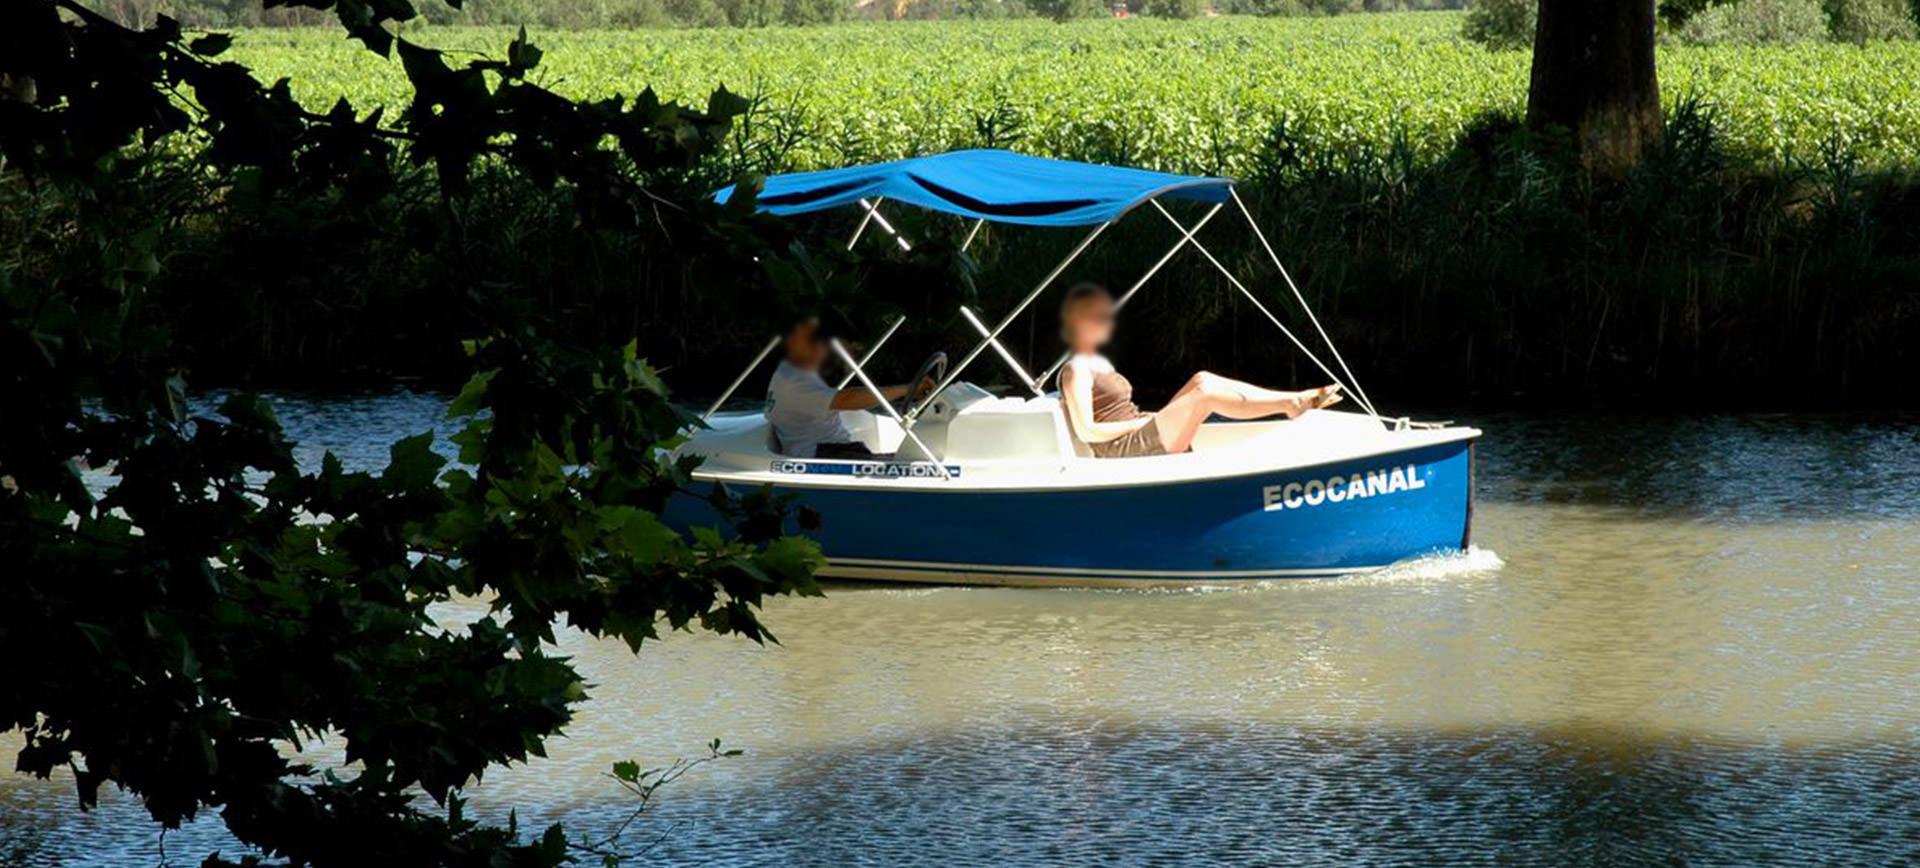 location bateau Villeneuve-lès-Béziers, location de bateau Villeneuve-lès-Béziers, location bateau Cers, location de bateau Cers, location de bateau Canal du Midi Villeneuve-lès-Béziers, location bateaux de rivière Villeneuve-lès-Béziers